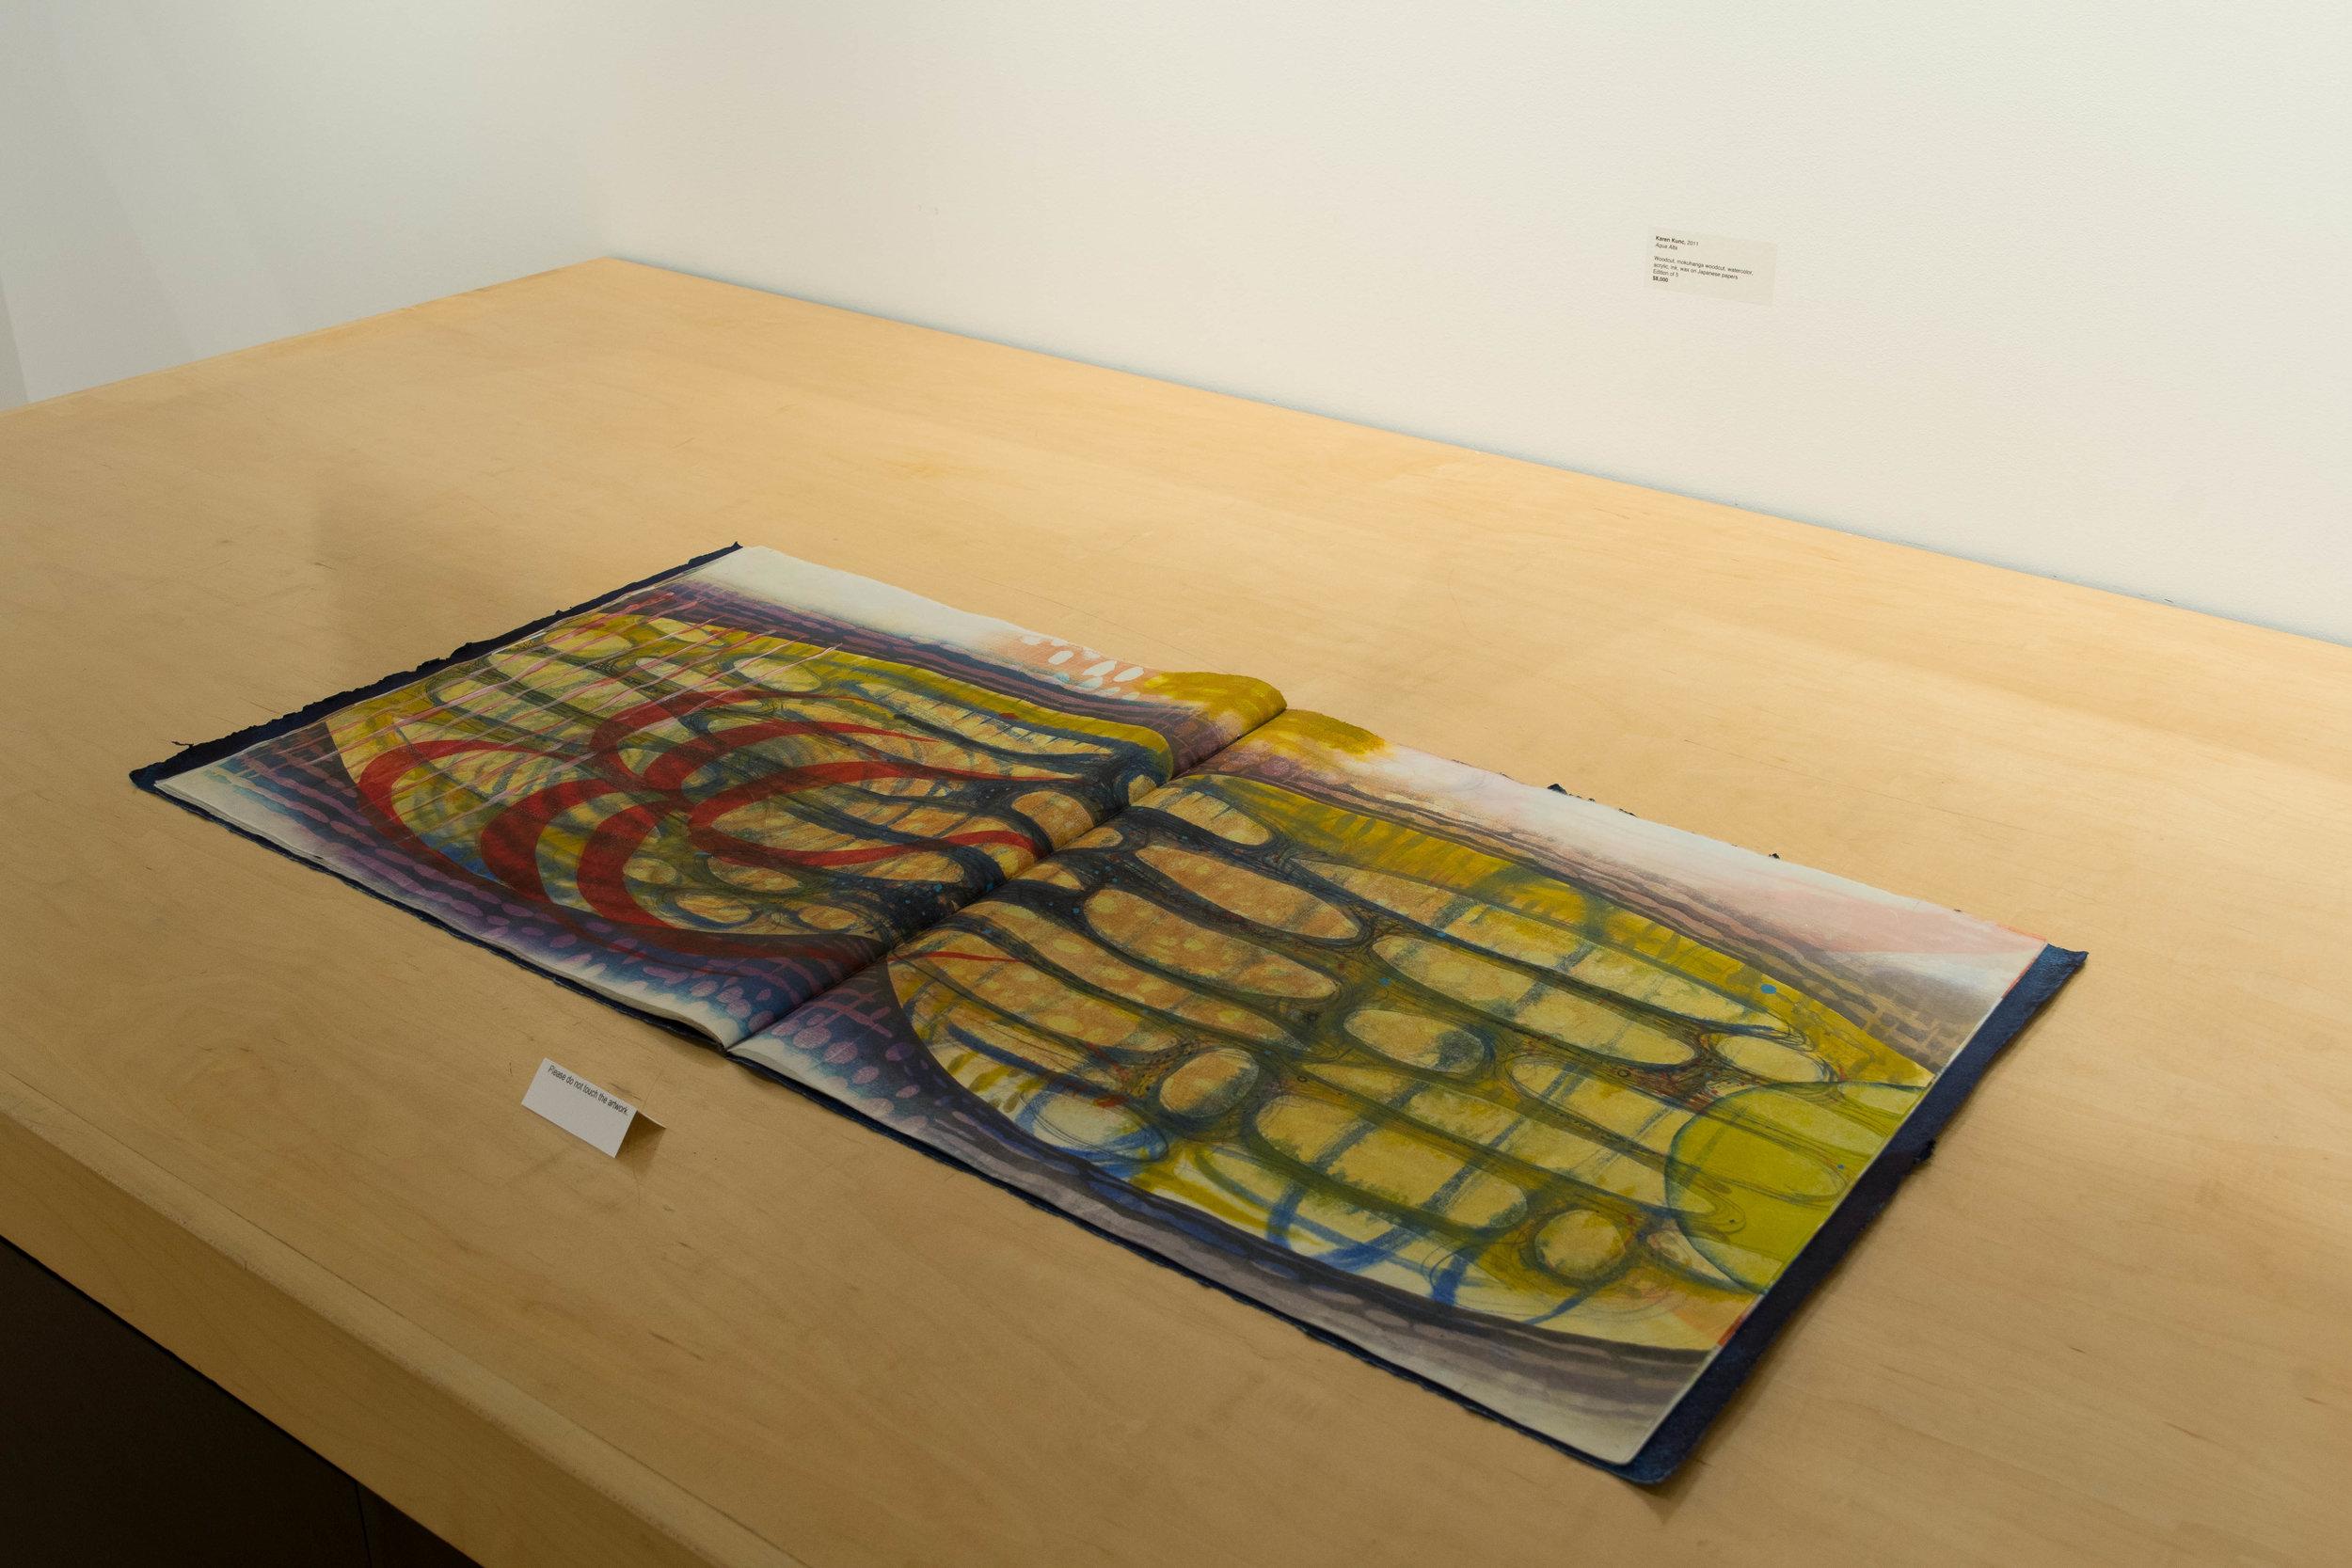 Highpoint ExhibitWeather by Karen Kunc190815a0063.JPG